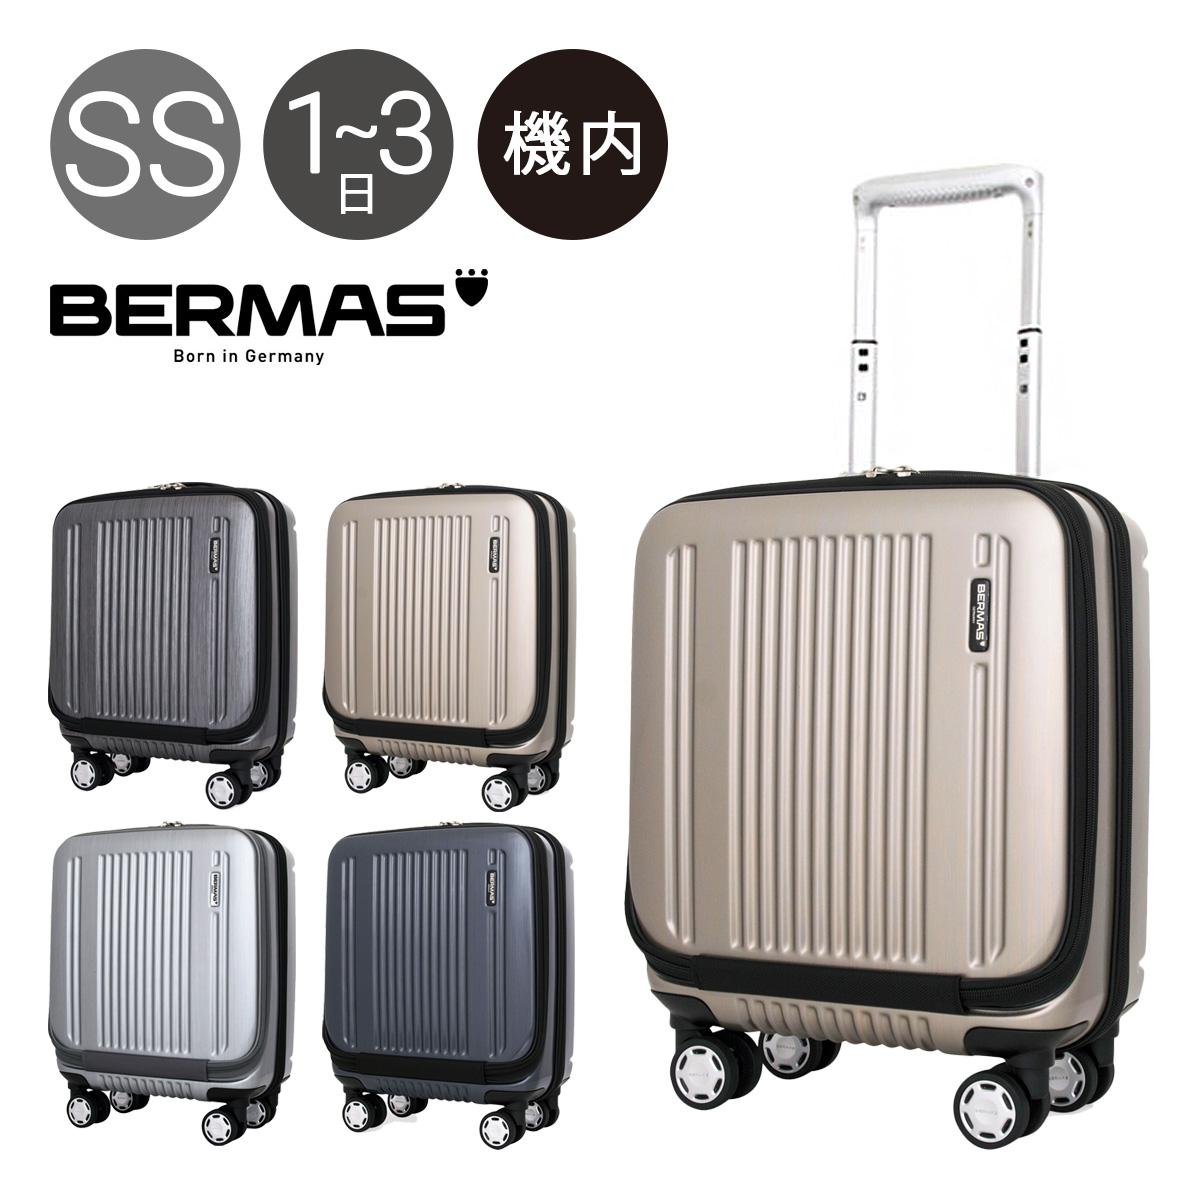 バーマス スーツケース 60255 38cm プレステージ2 【 ハードキャリー ビジネスキャリー フロントオープン 機内持込み可 ロッカー収納対応 TSAロック搭載 】【PO10】【bef】